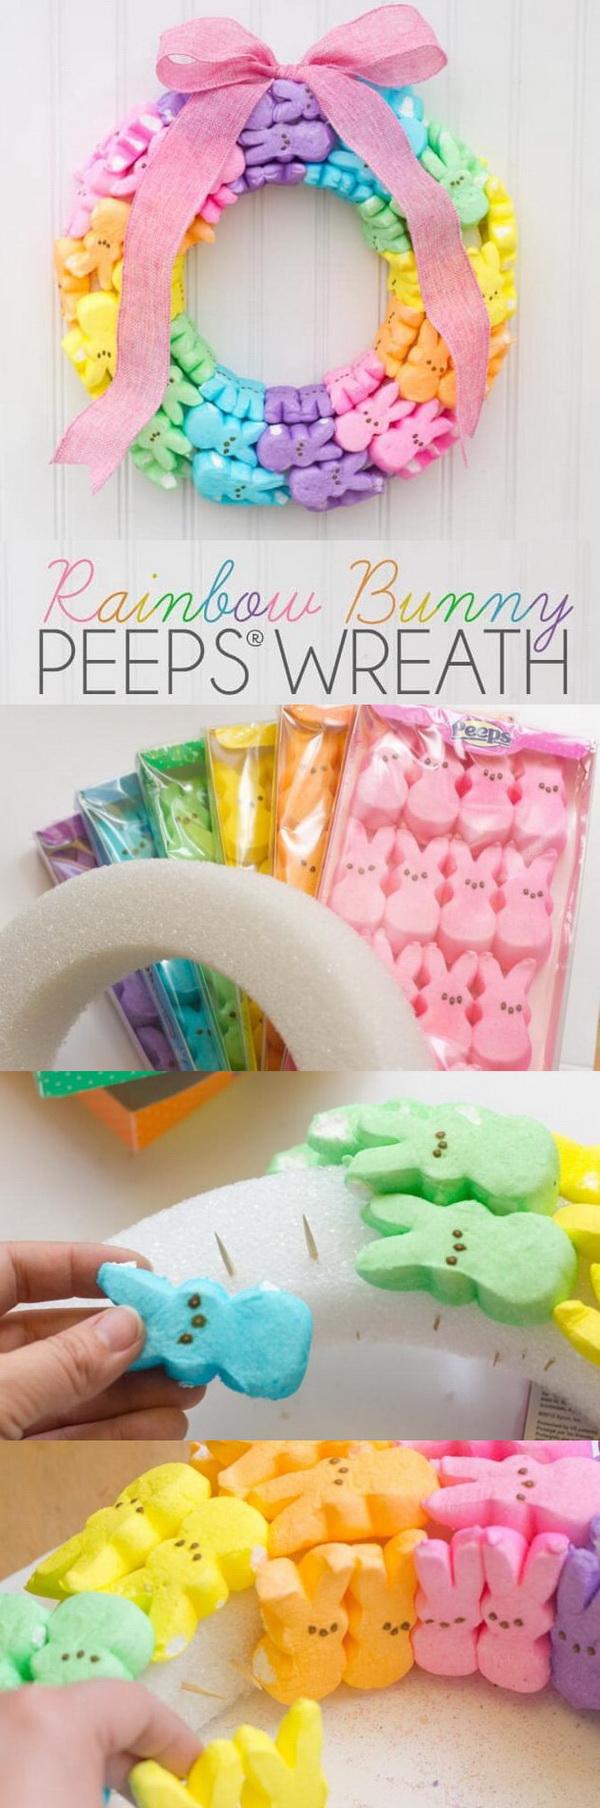 DIY Easter Decoration Ideas: Rainbow Bunny Peeps Wreath.